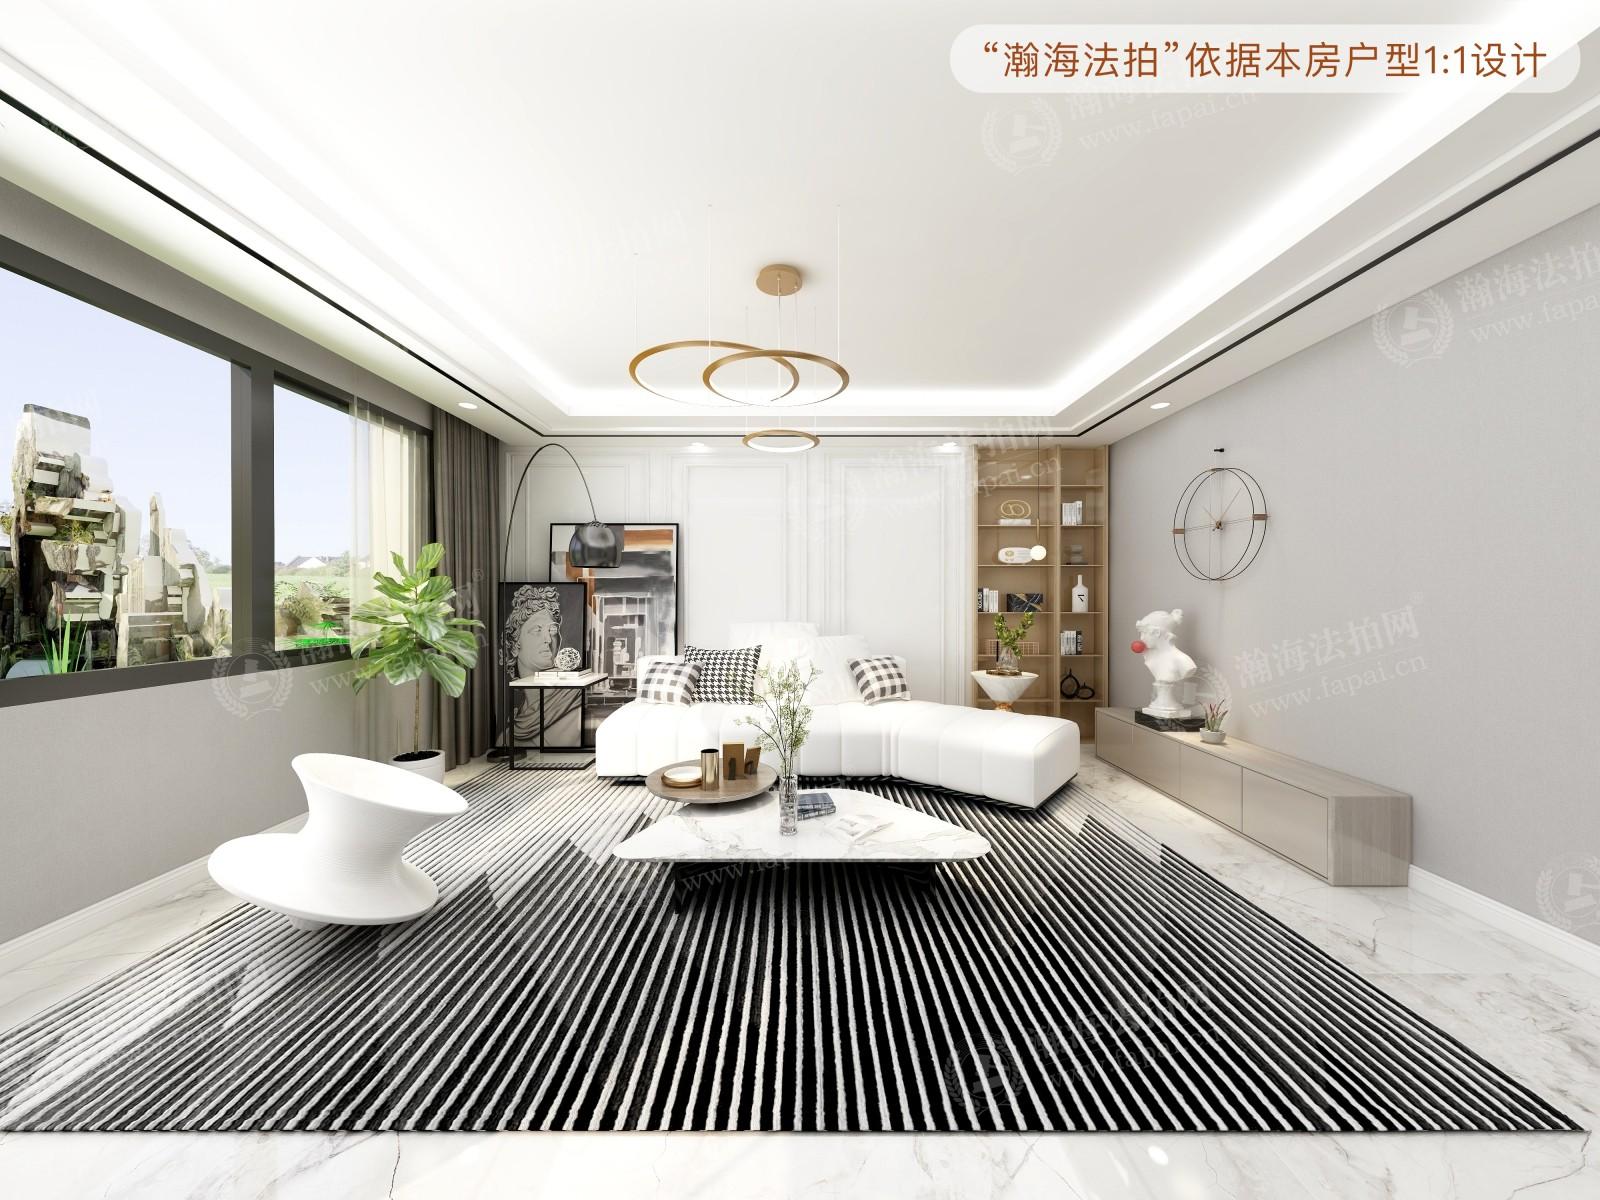 燕西台60号楼1室(联排别墅)